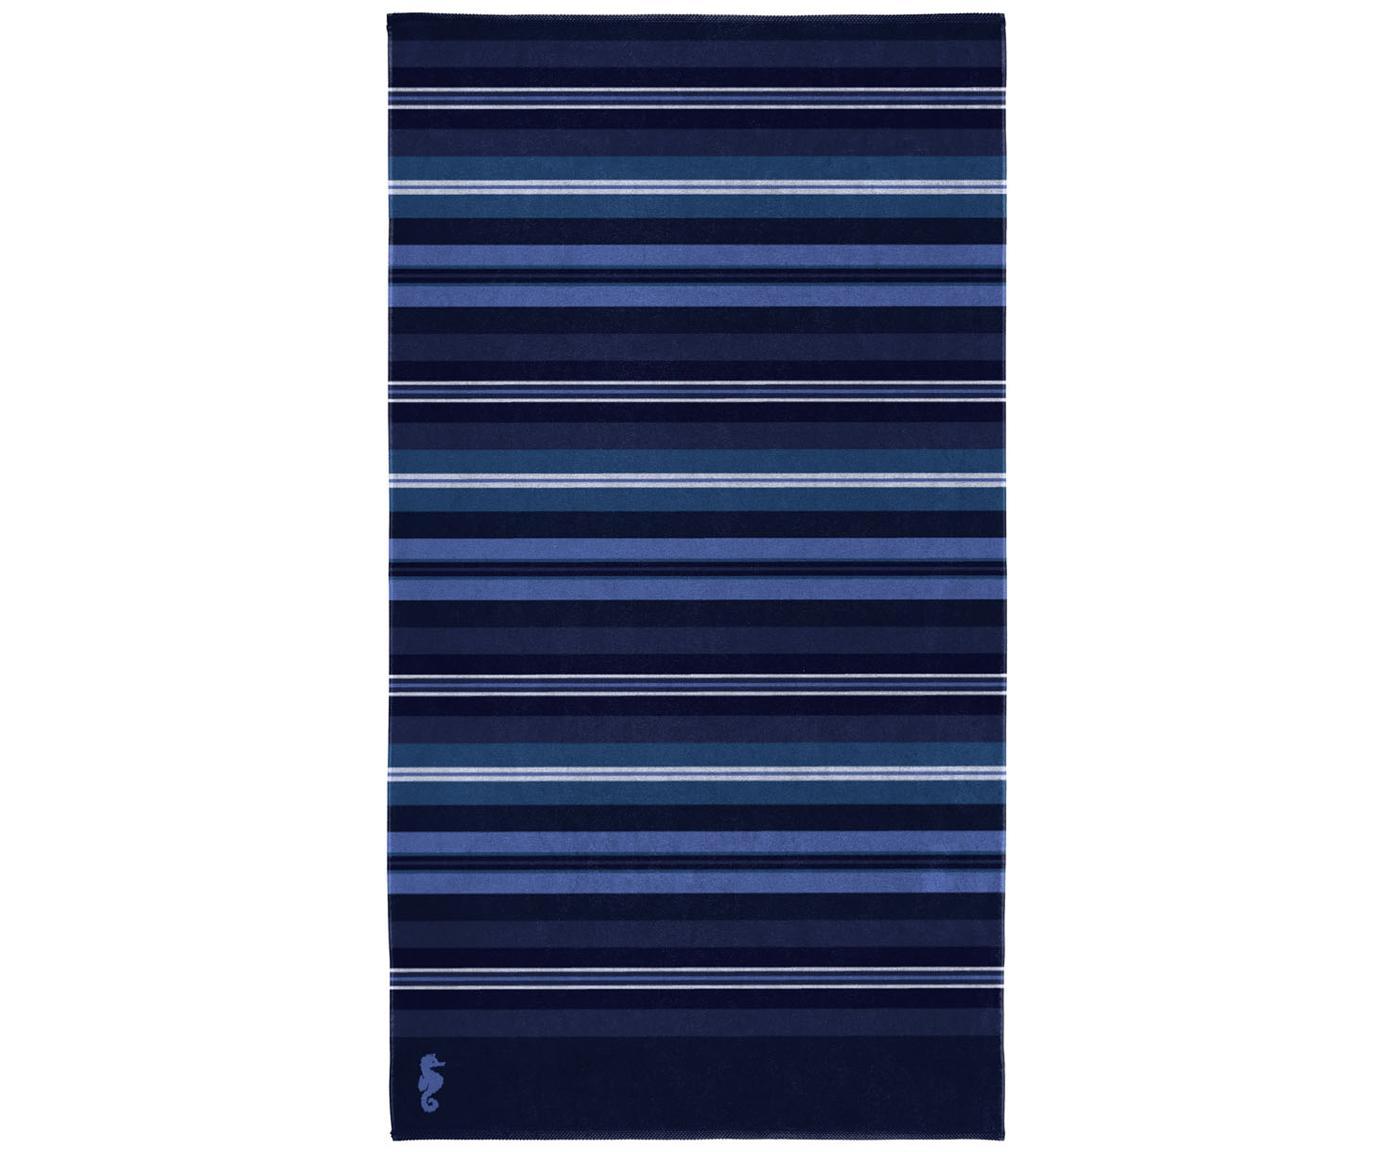 Strandtuch Hampton, 100% Velours (Baumwolle) mittelschwere Stoffqualität, 420g/m², Blautöne, 100 x 180 cm